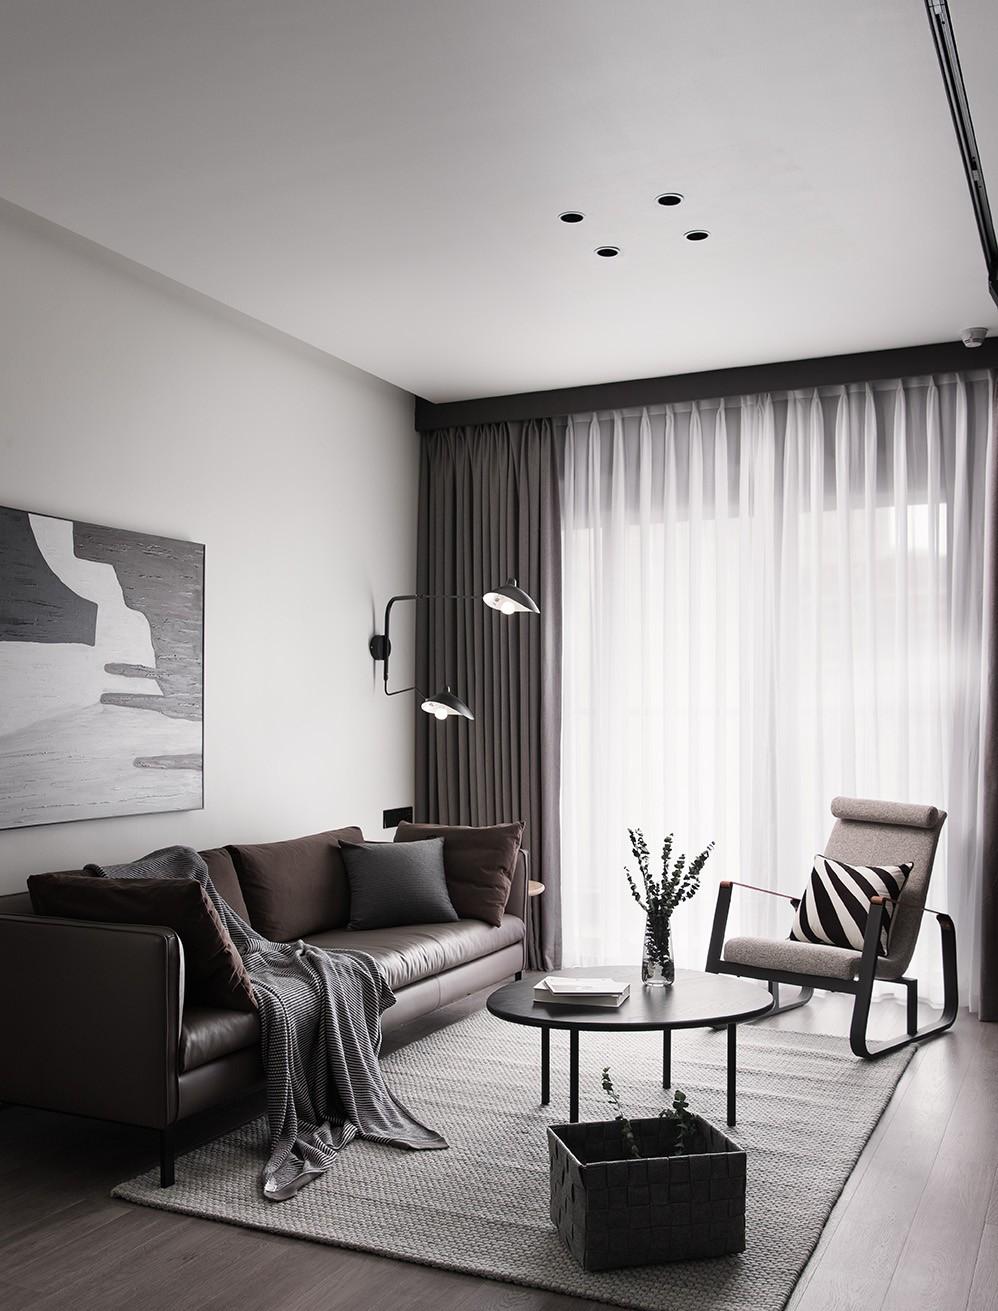 子沐的家装效果图设计作品